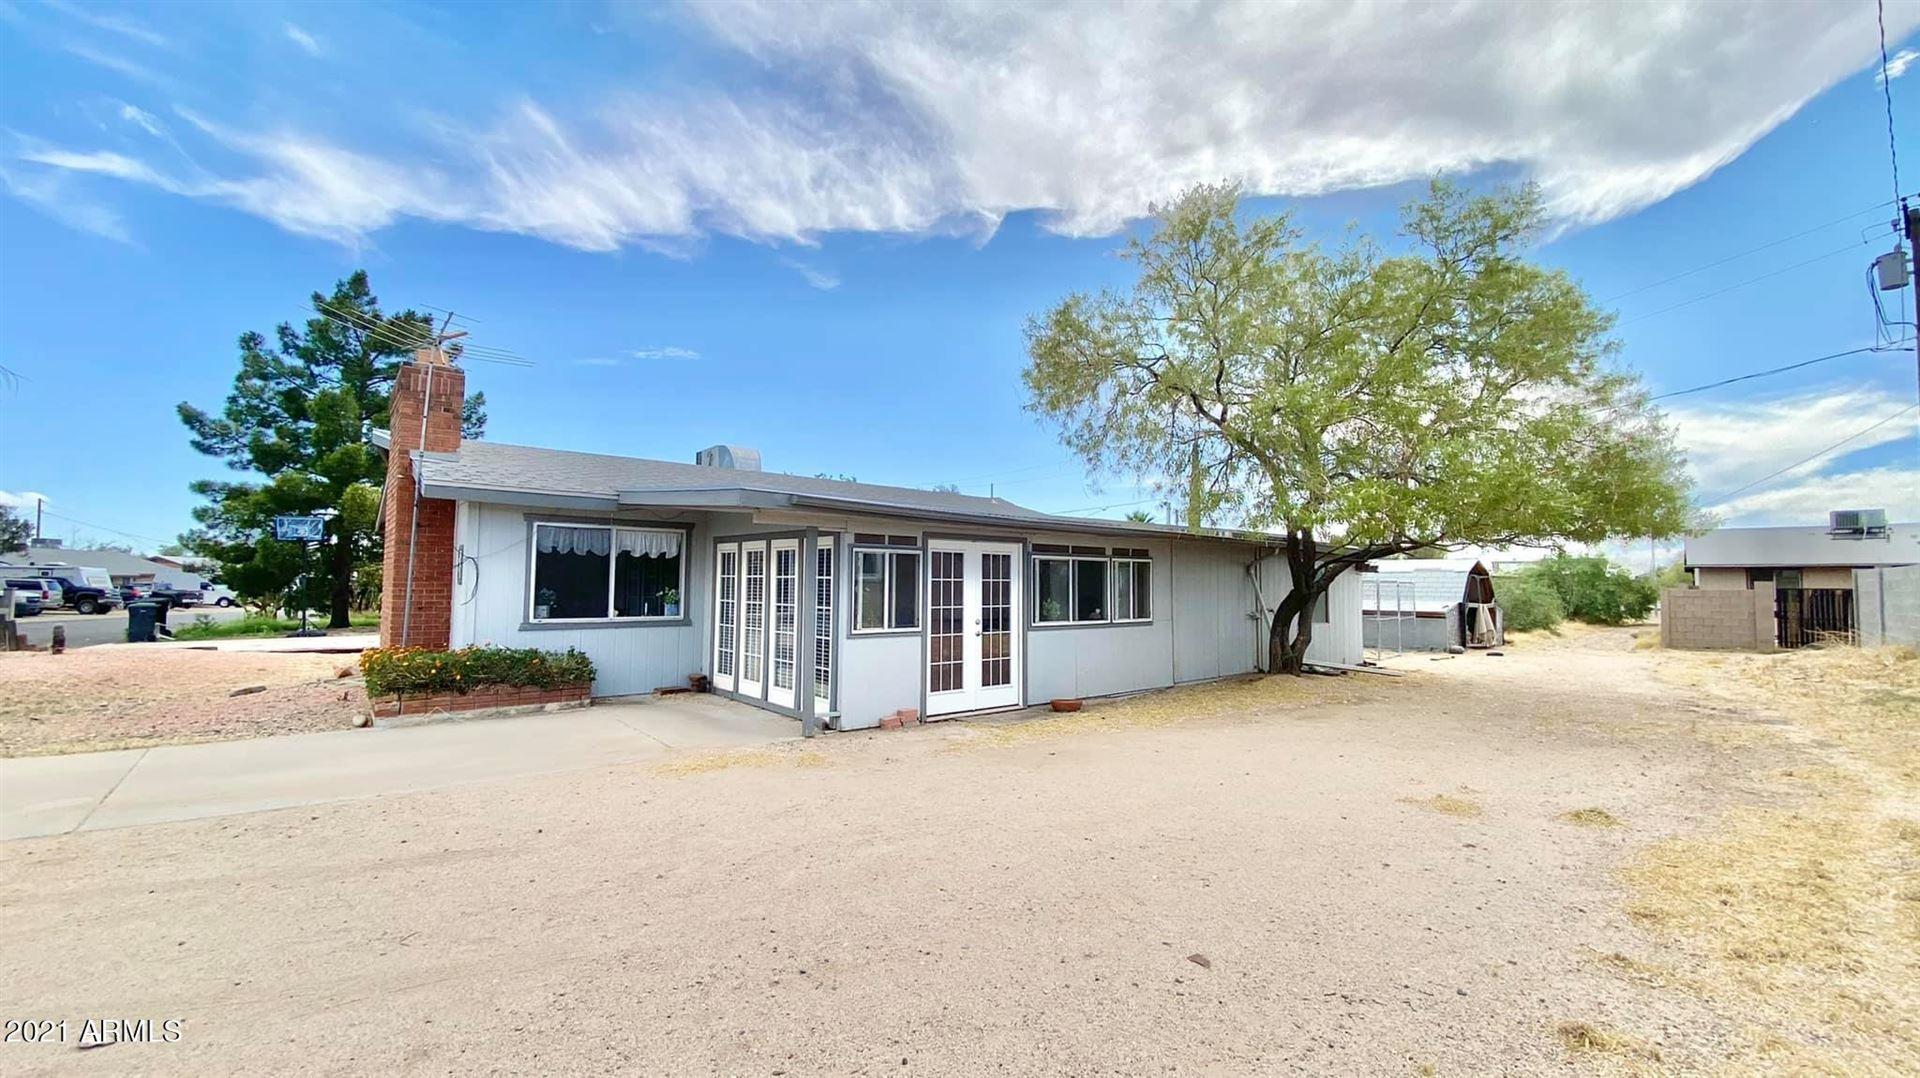 Photo of 349 PERETZ Circle, Morristown, AZ 85342 (MLS # 6248173)